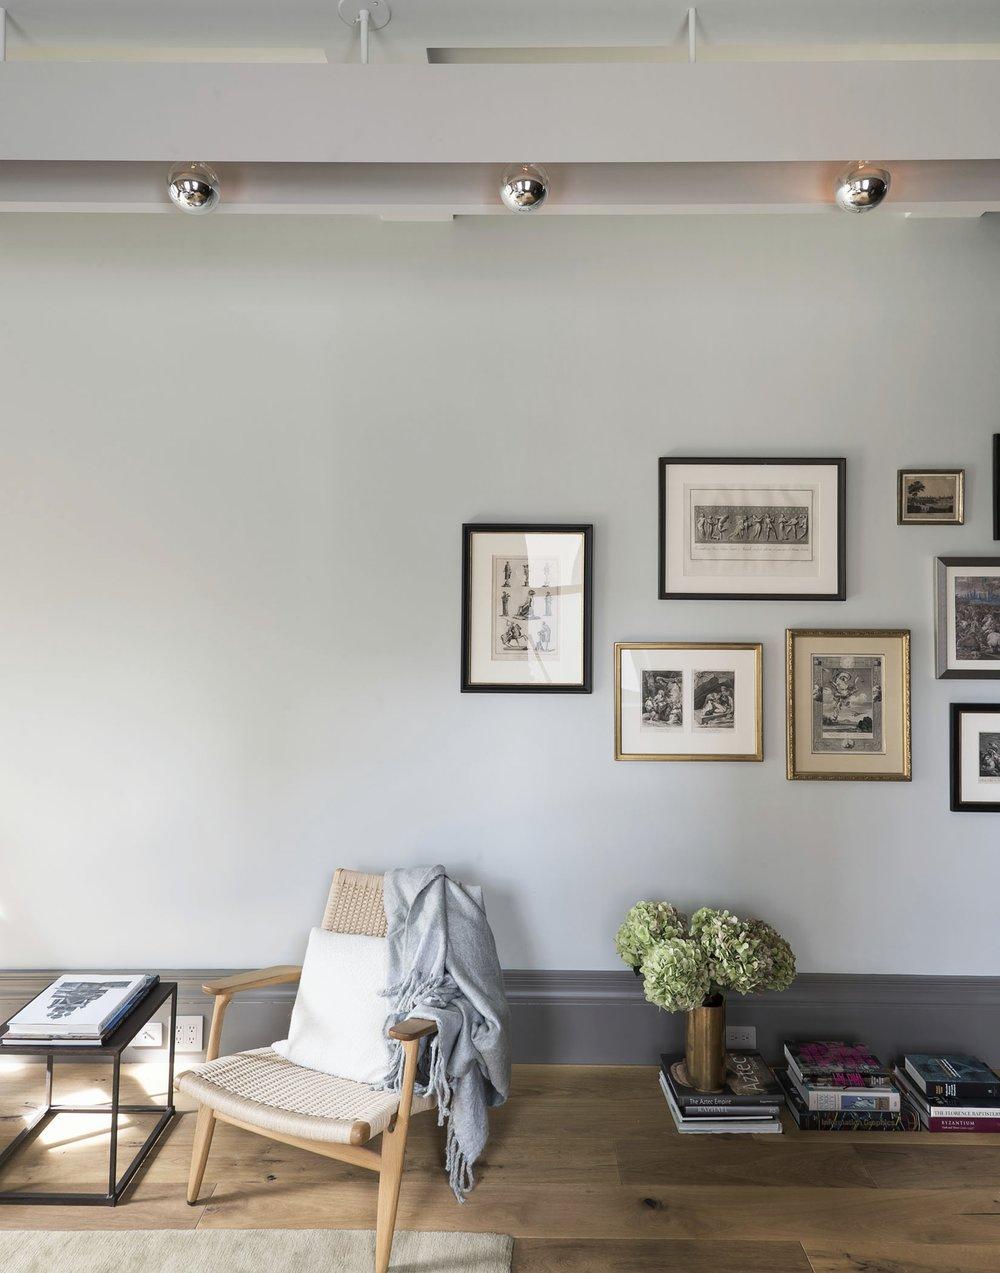 12th Street Loft Living Room Gallery Wall